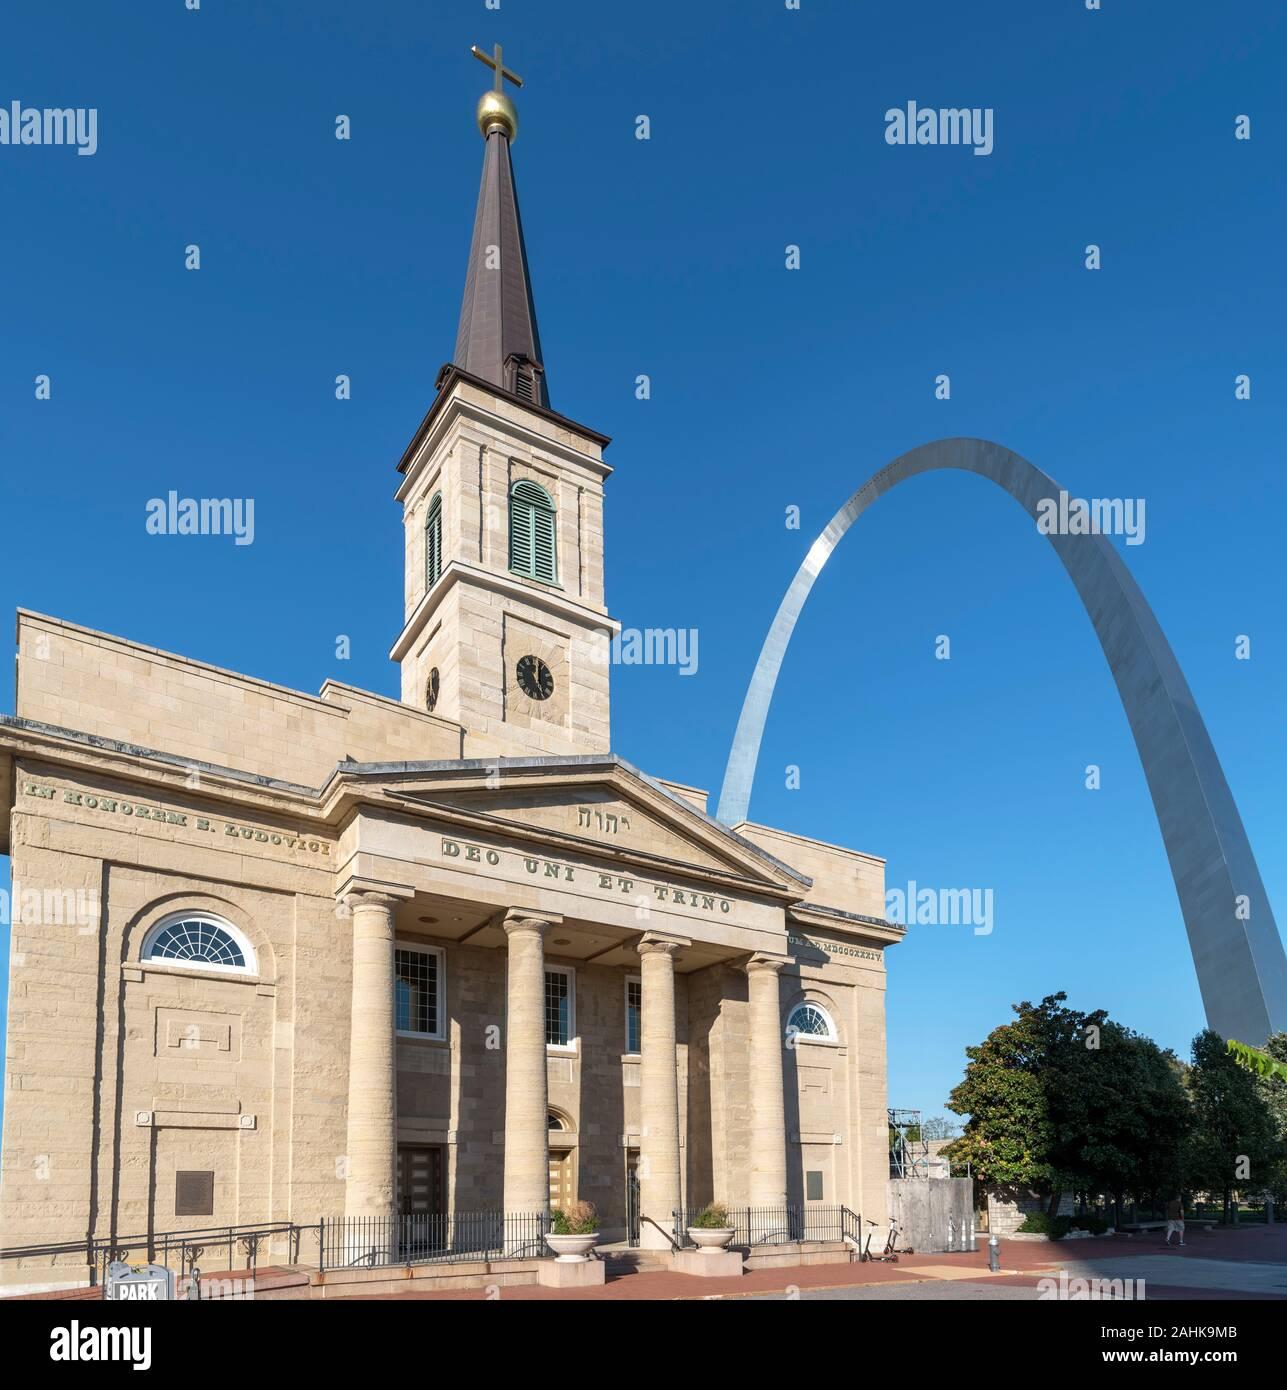 La Catedral Vieja (Basílica de San Luis, rey de Francia) con el Arco Gateway detrás, Saint Louis, Missouri, EE.UU. Foto de stock